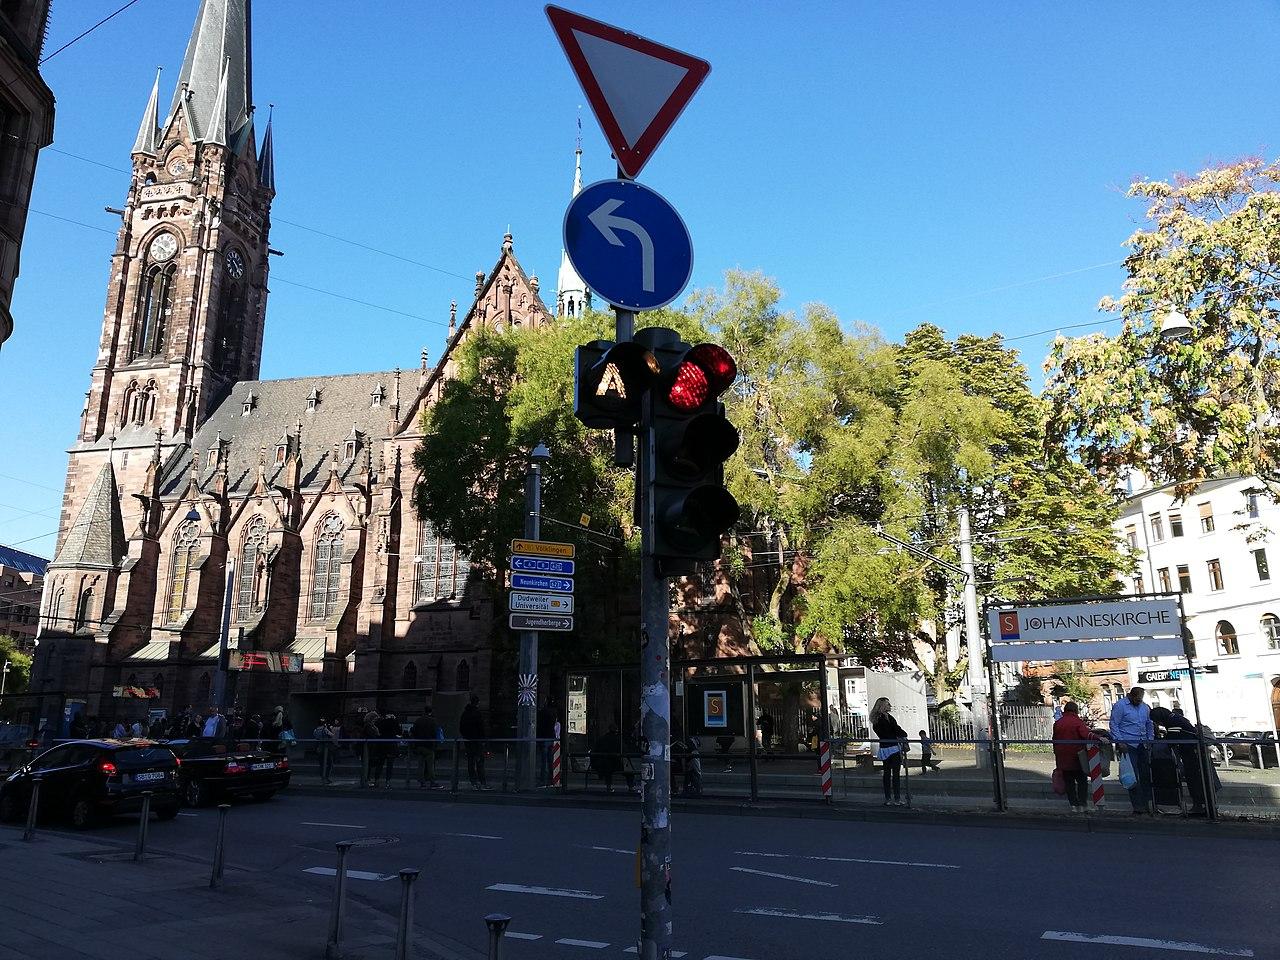 Lichtsignalanlage Busanforderung Johanneskirche Saarbrücken.jpg